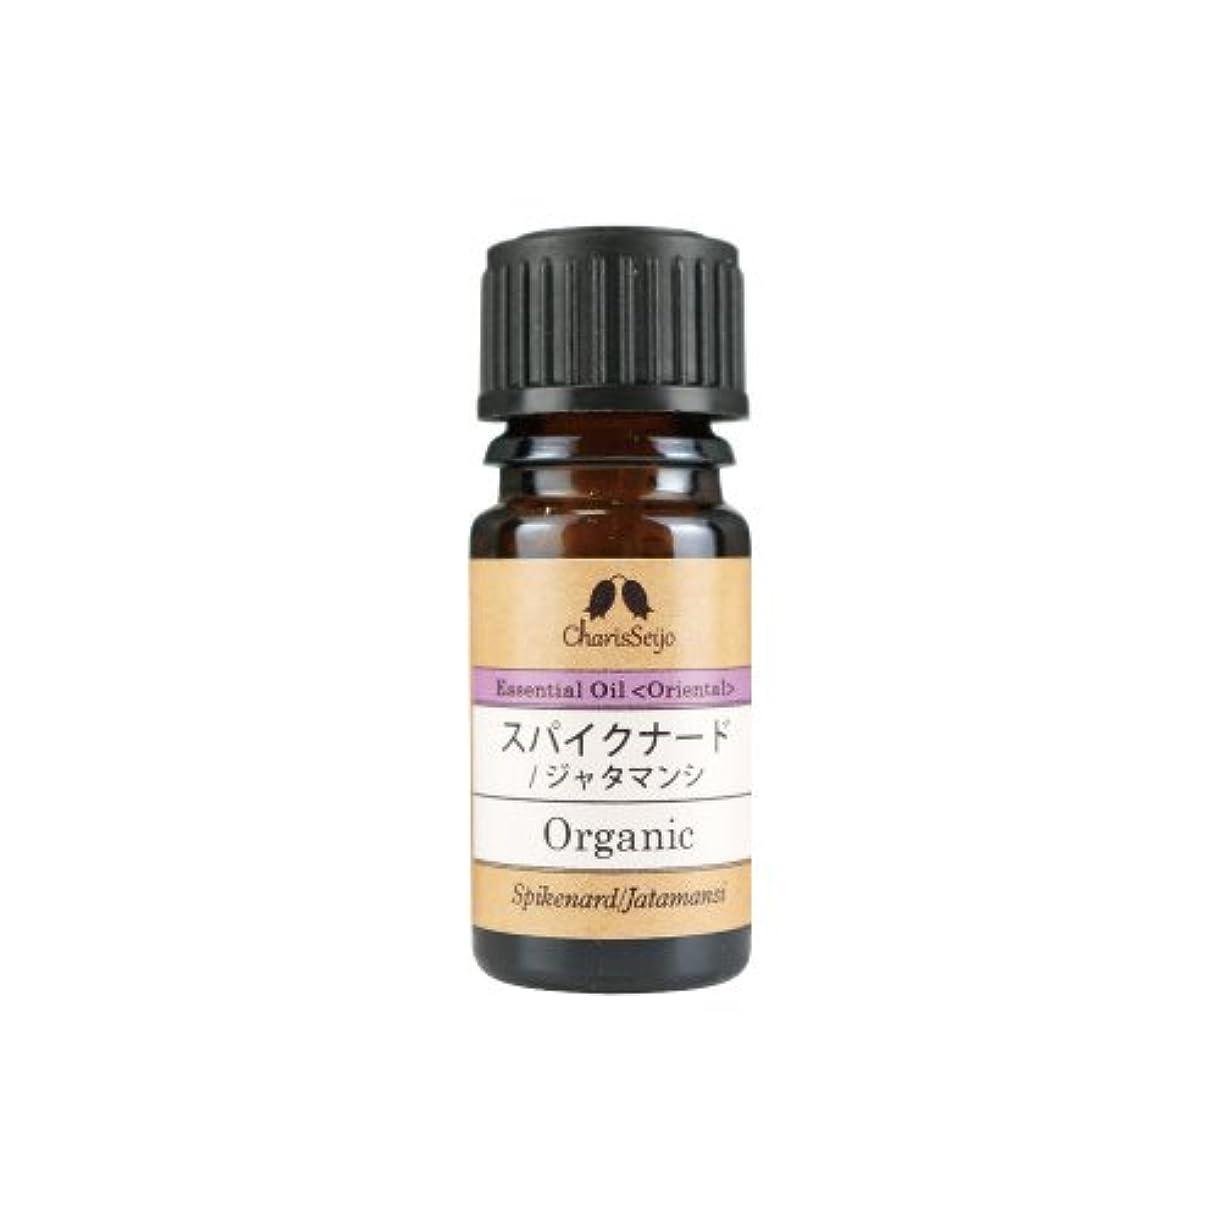 開いた睡眠エキゾチックカリス エッセンシャルオイル スパイクナード/ジャタマンシ Organic 10ml